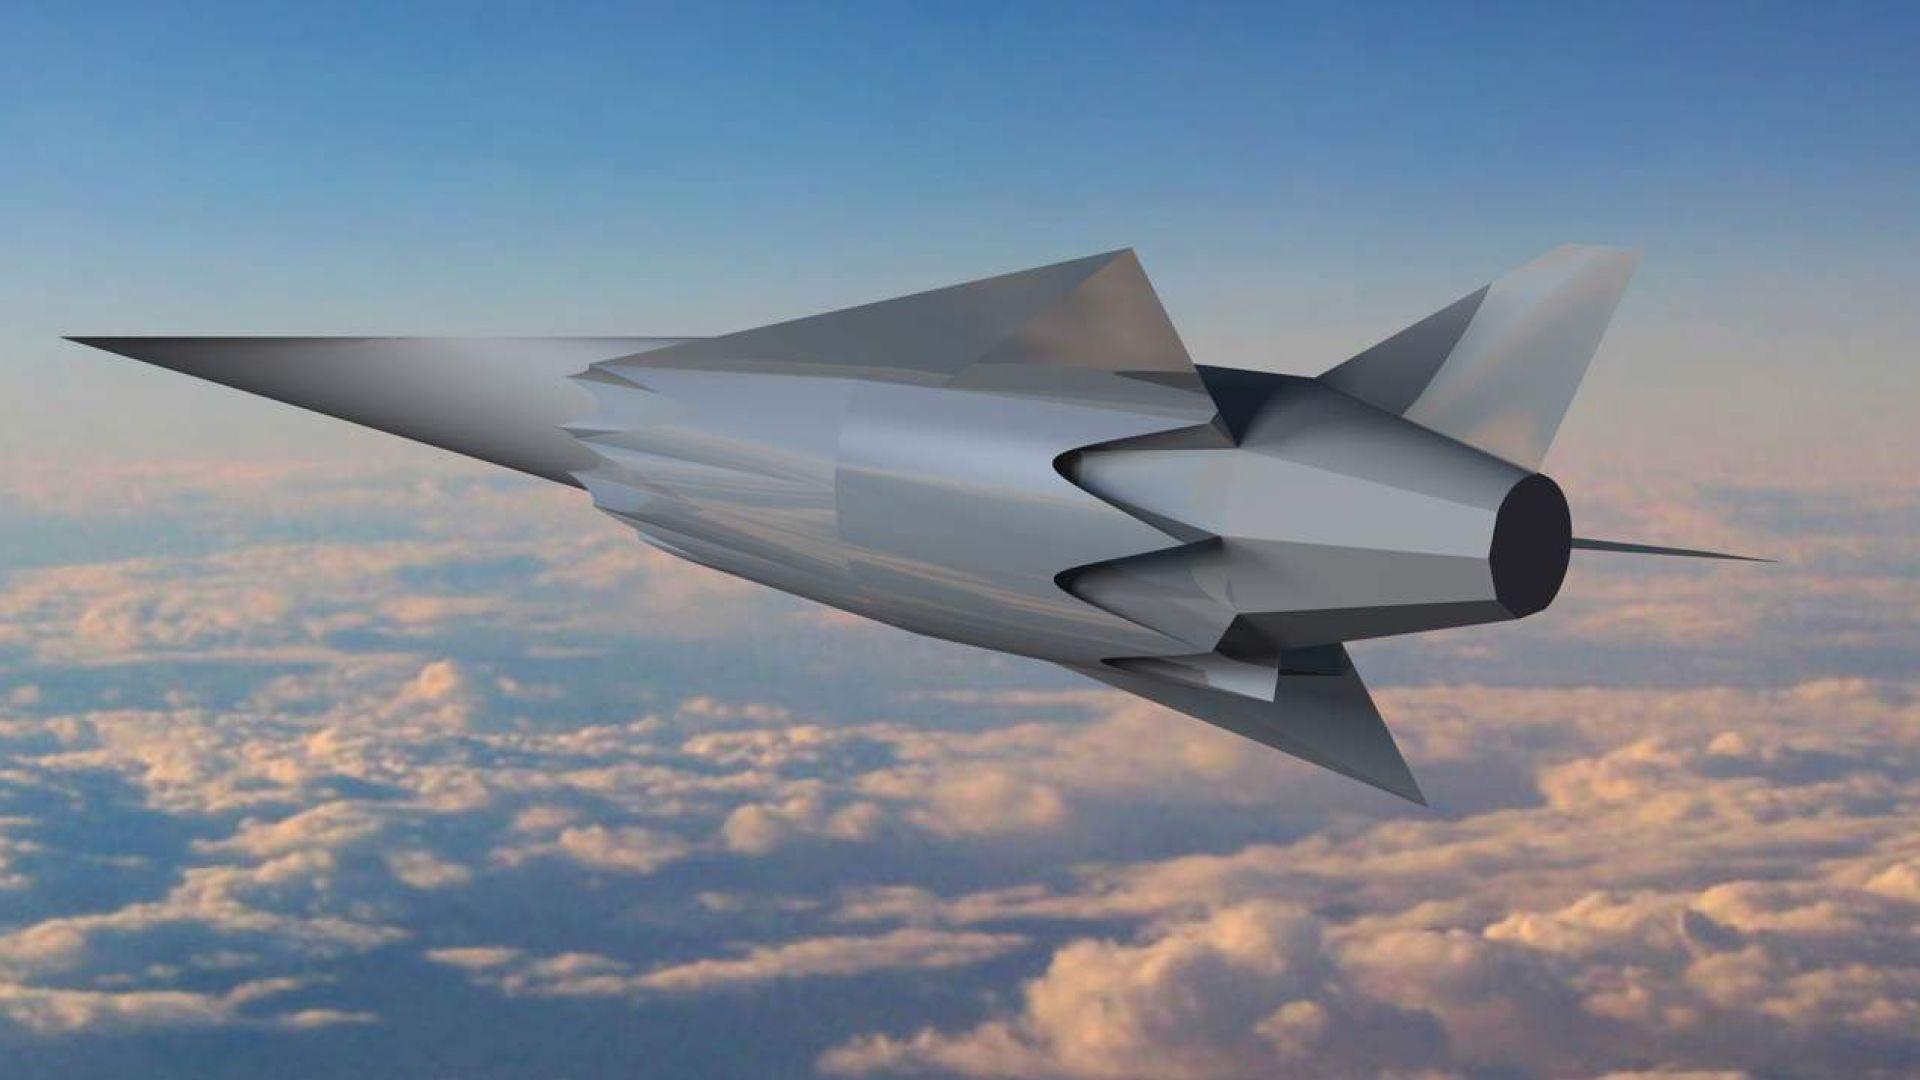 Учени тестват хиперзвуков реактивен двигател, който може да достигне 19 000 км/ч